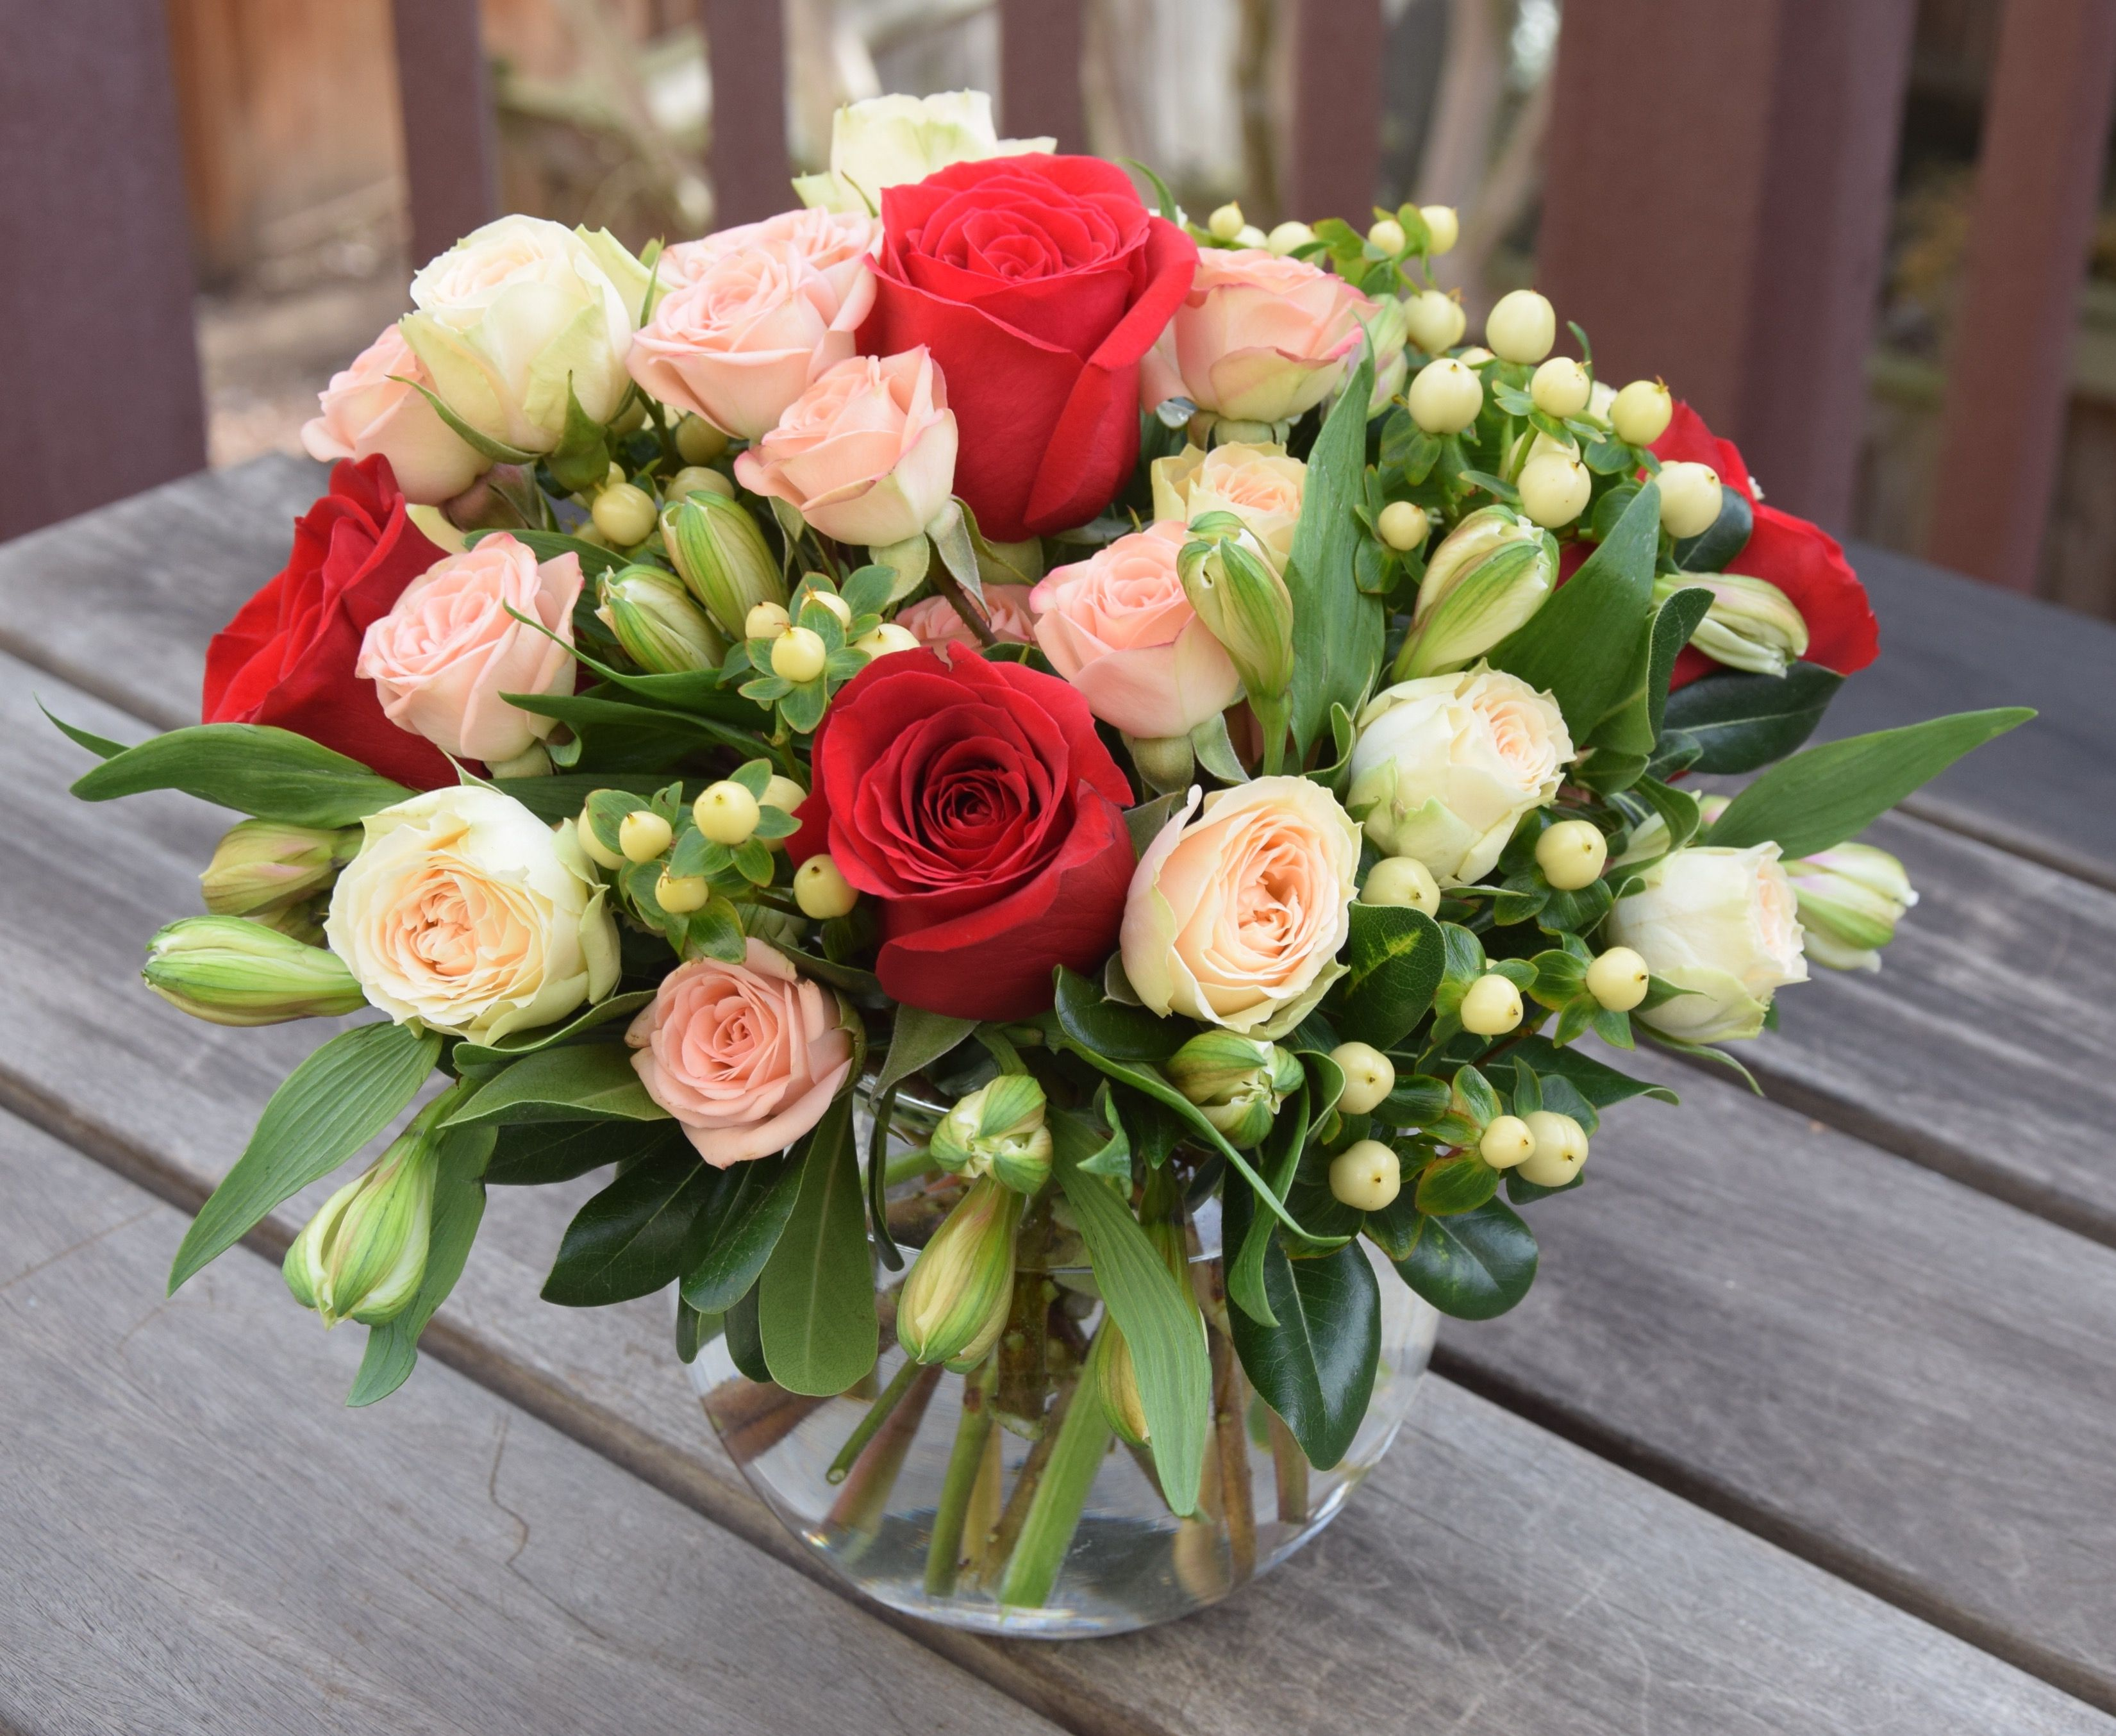 Flower Bouquet In A Glass Vase Fleurelity Unique Creations